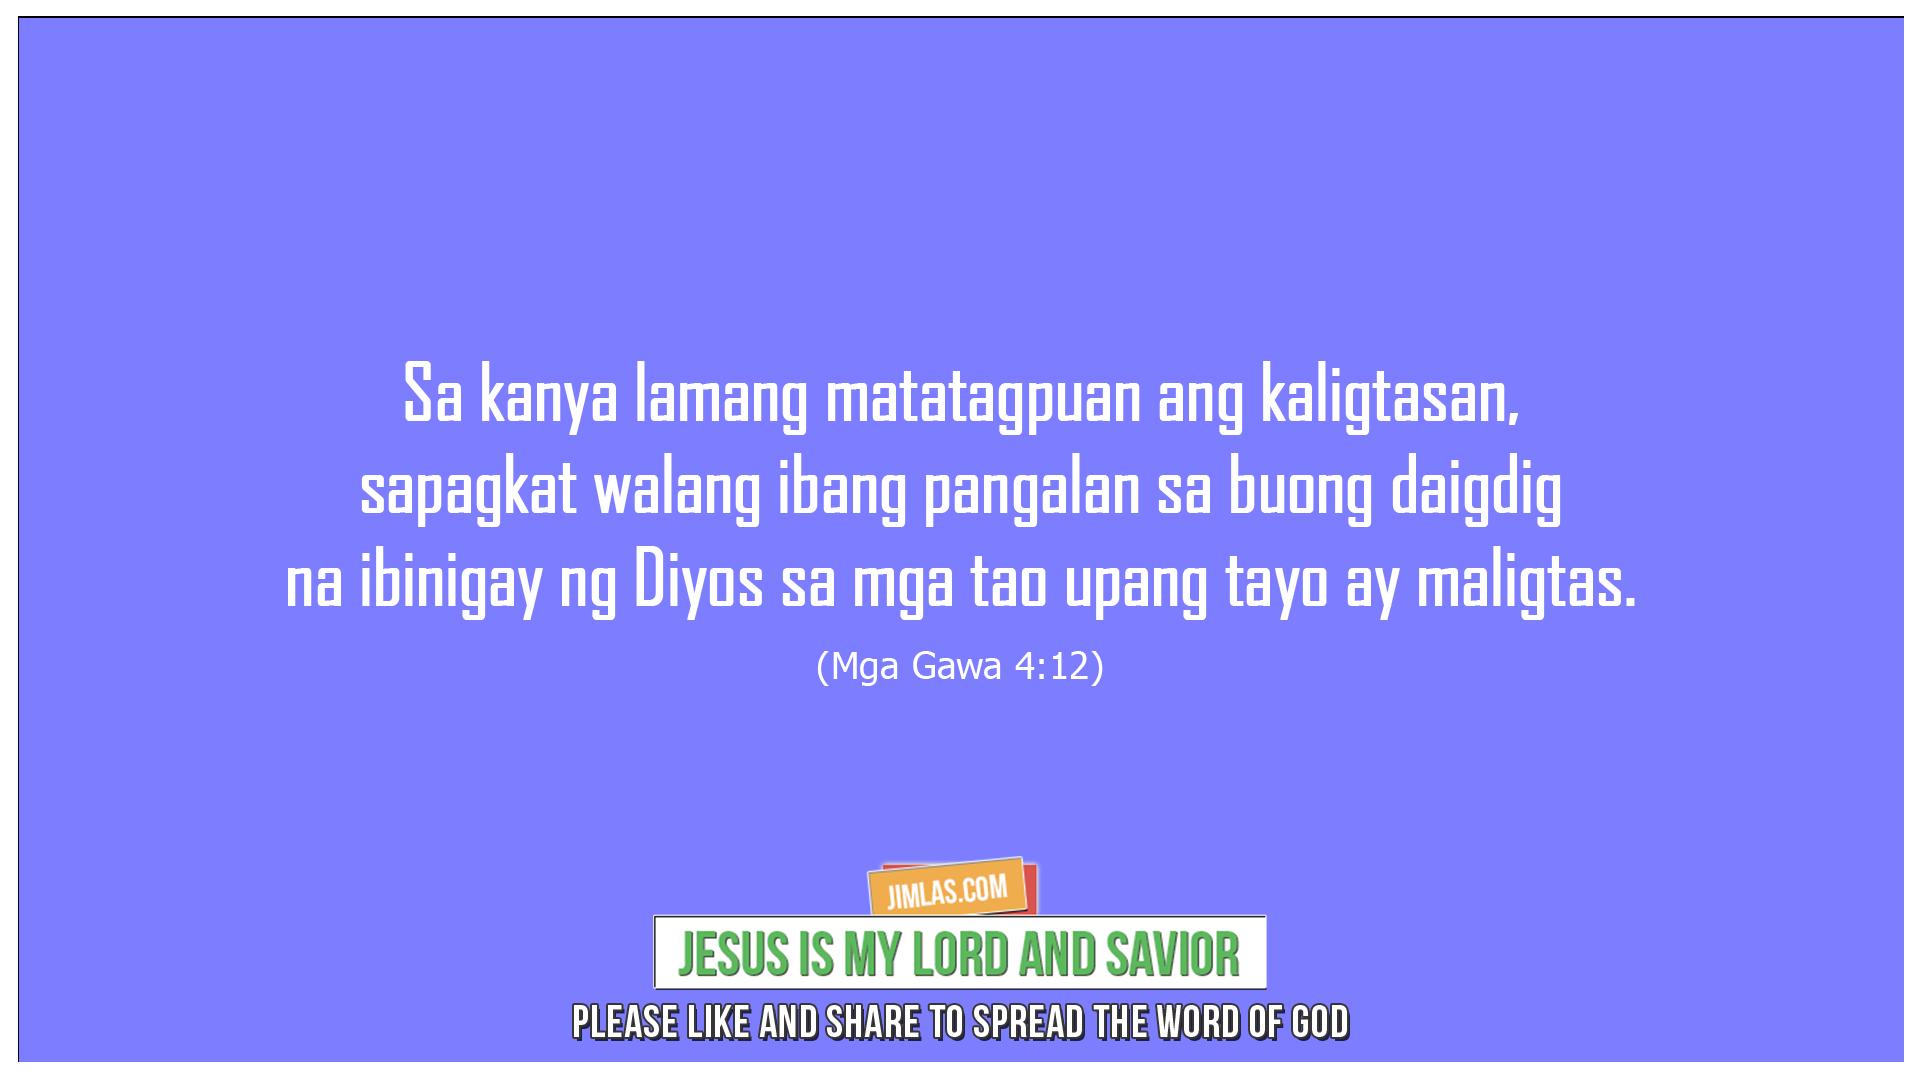 Mga Gawa 4:12, Mga Gawa 4:12